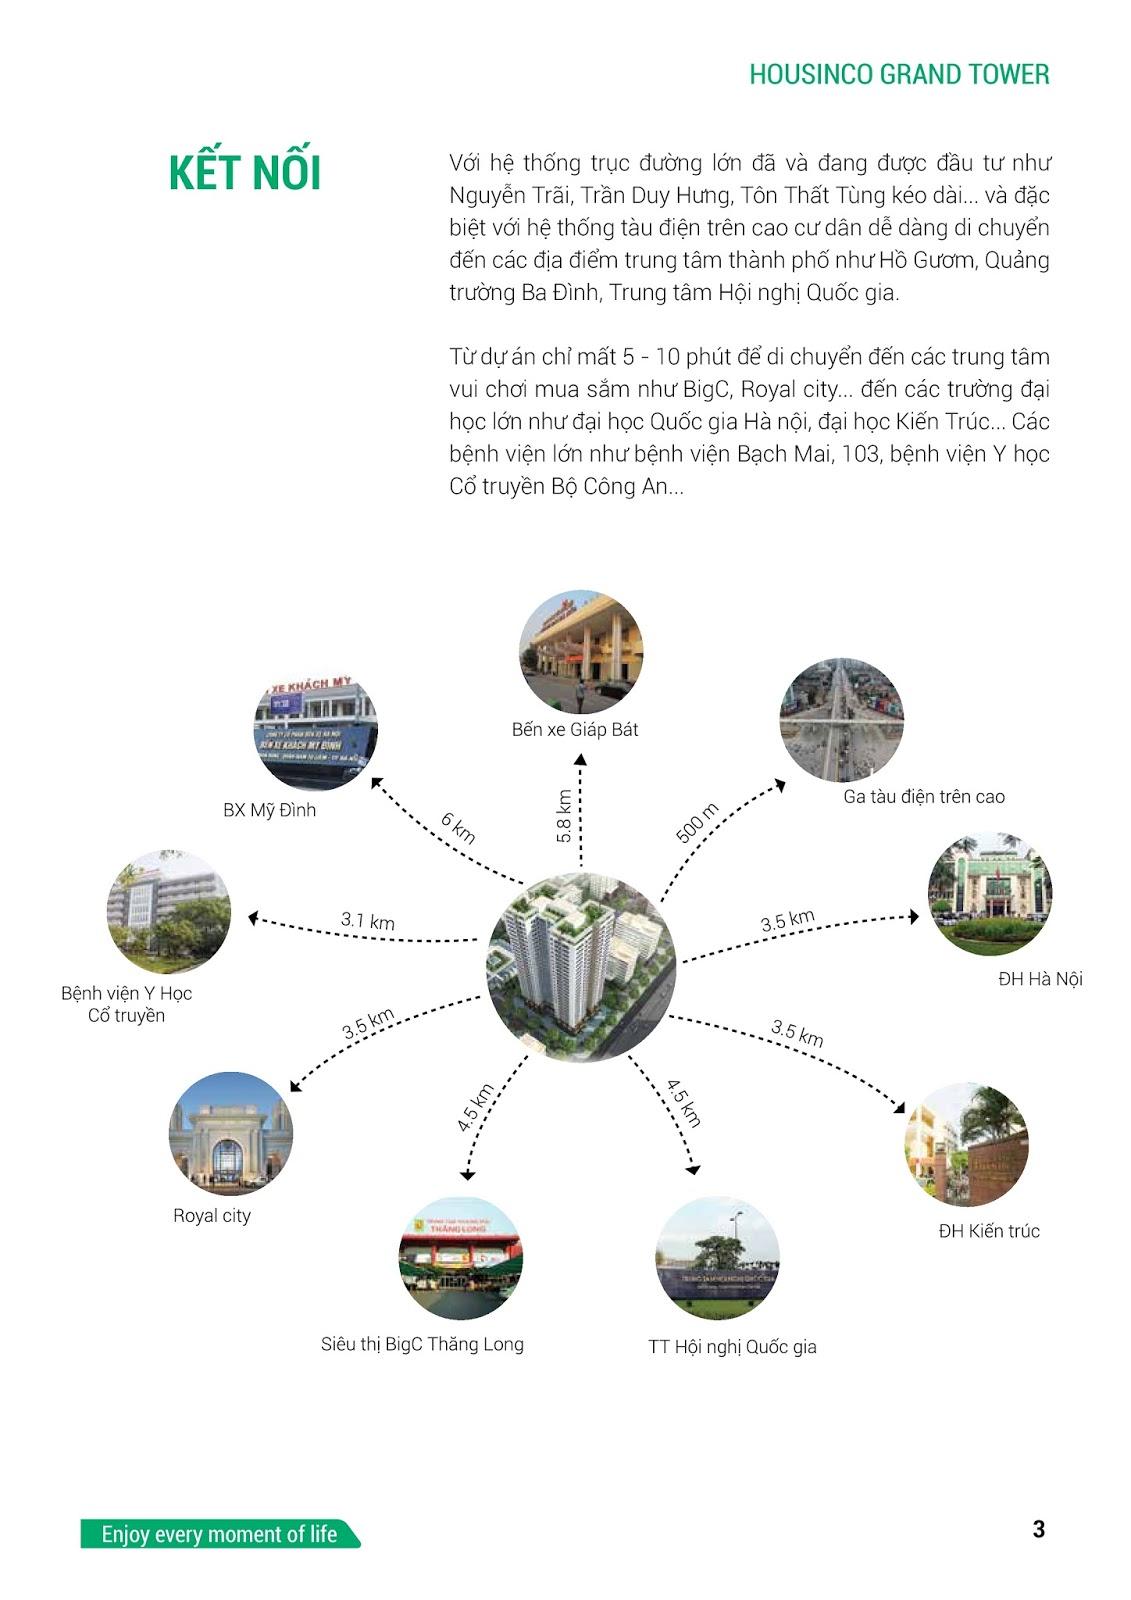 Liên kết vùng đắc địa và tiện lợi của Chung cư Housinco Grand Tower